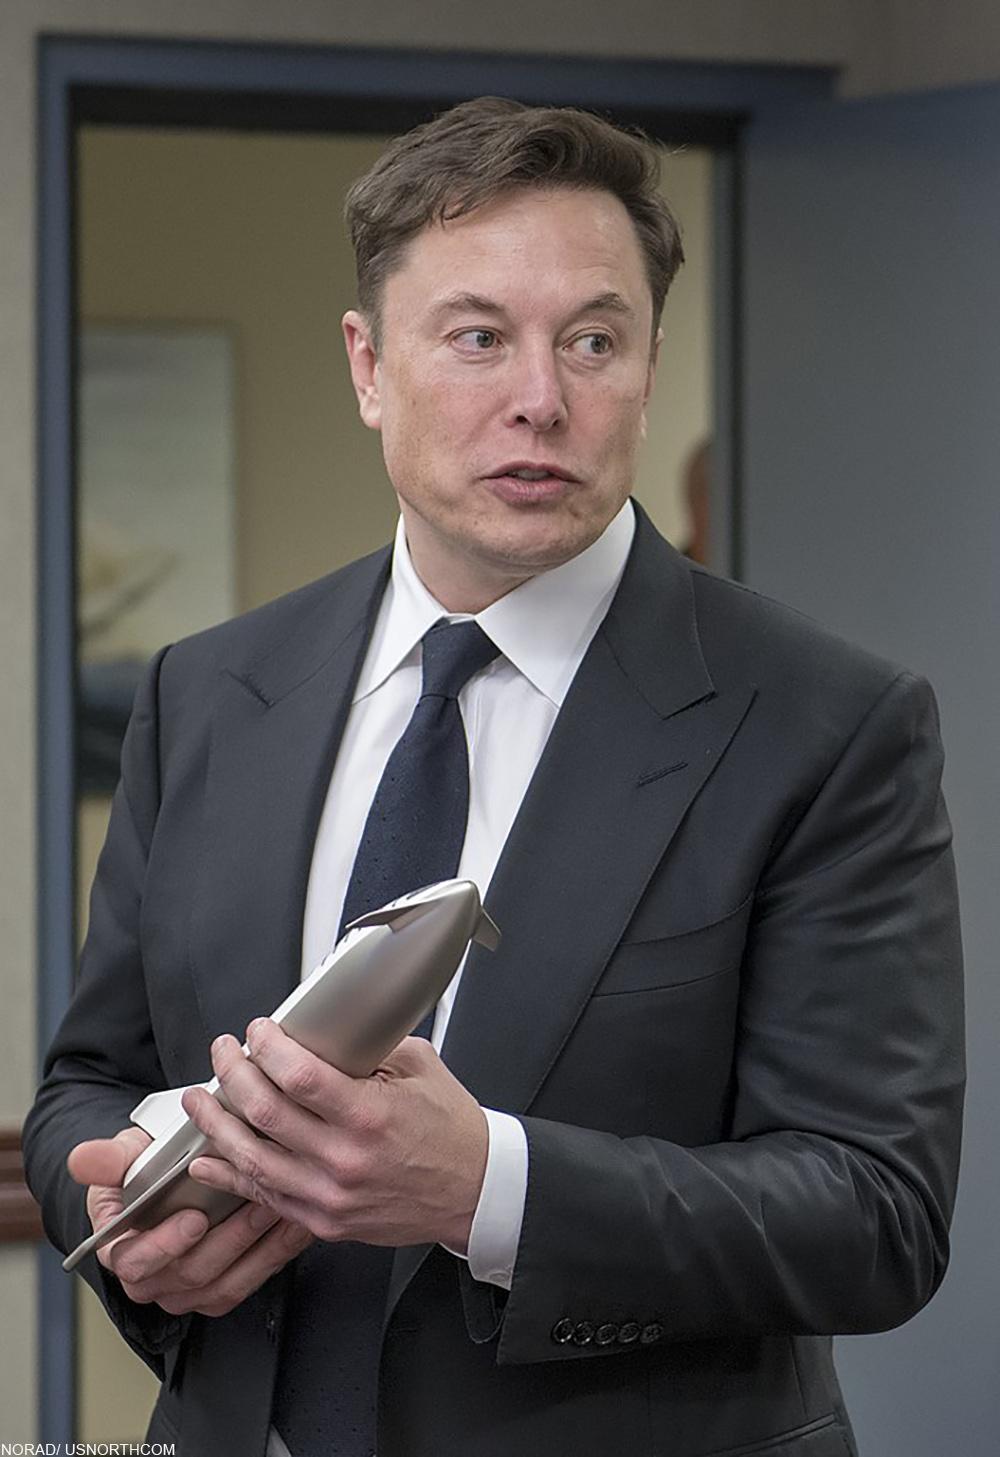 Elon Musk in 2019